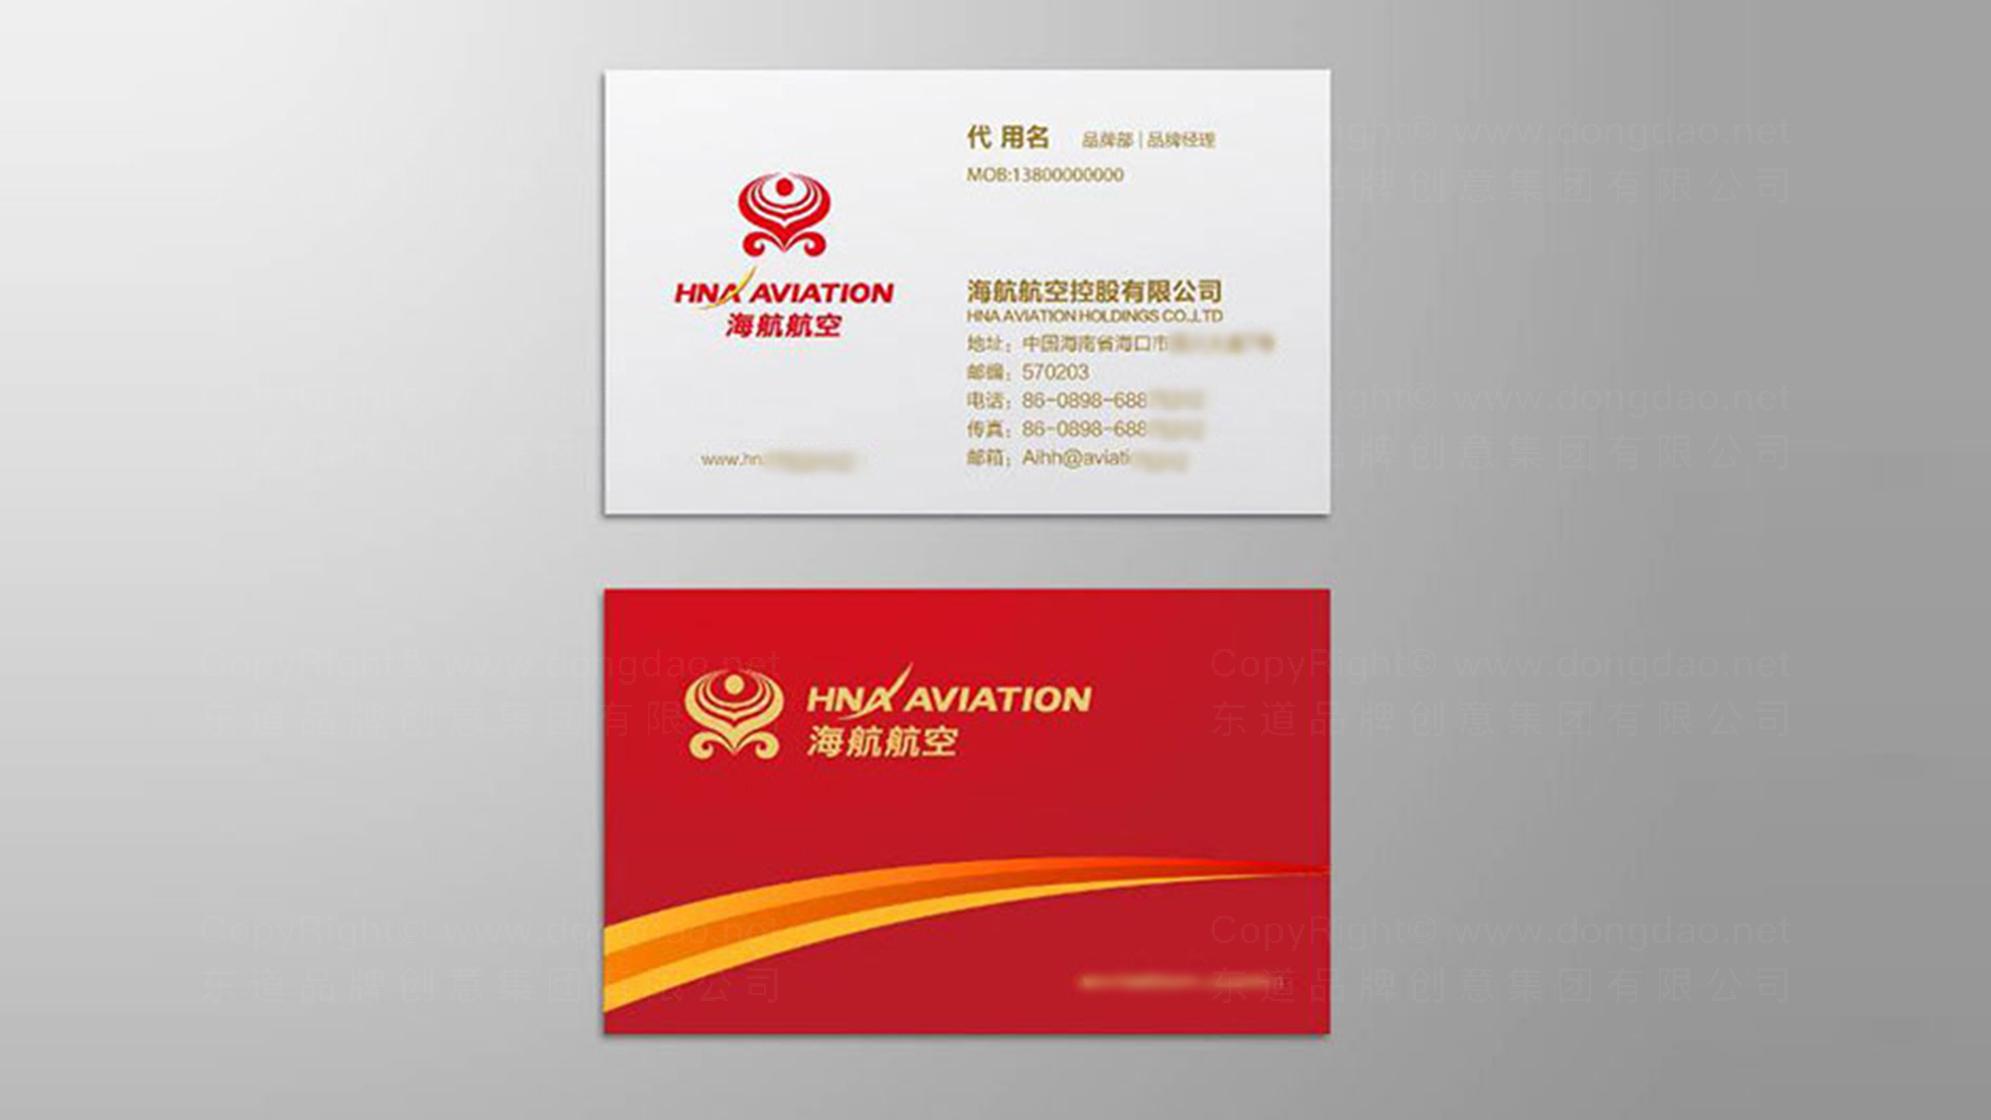 品牌设计海航航空VI设计应用场景_3